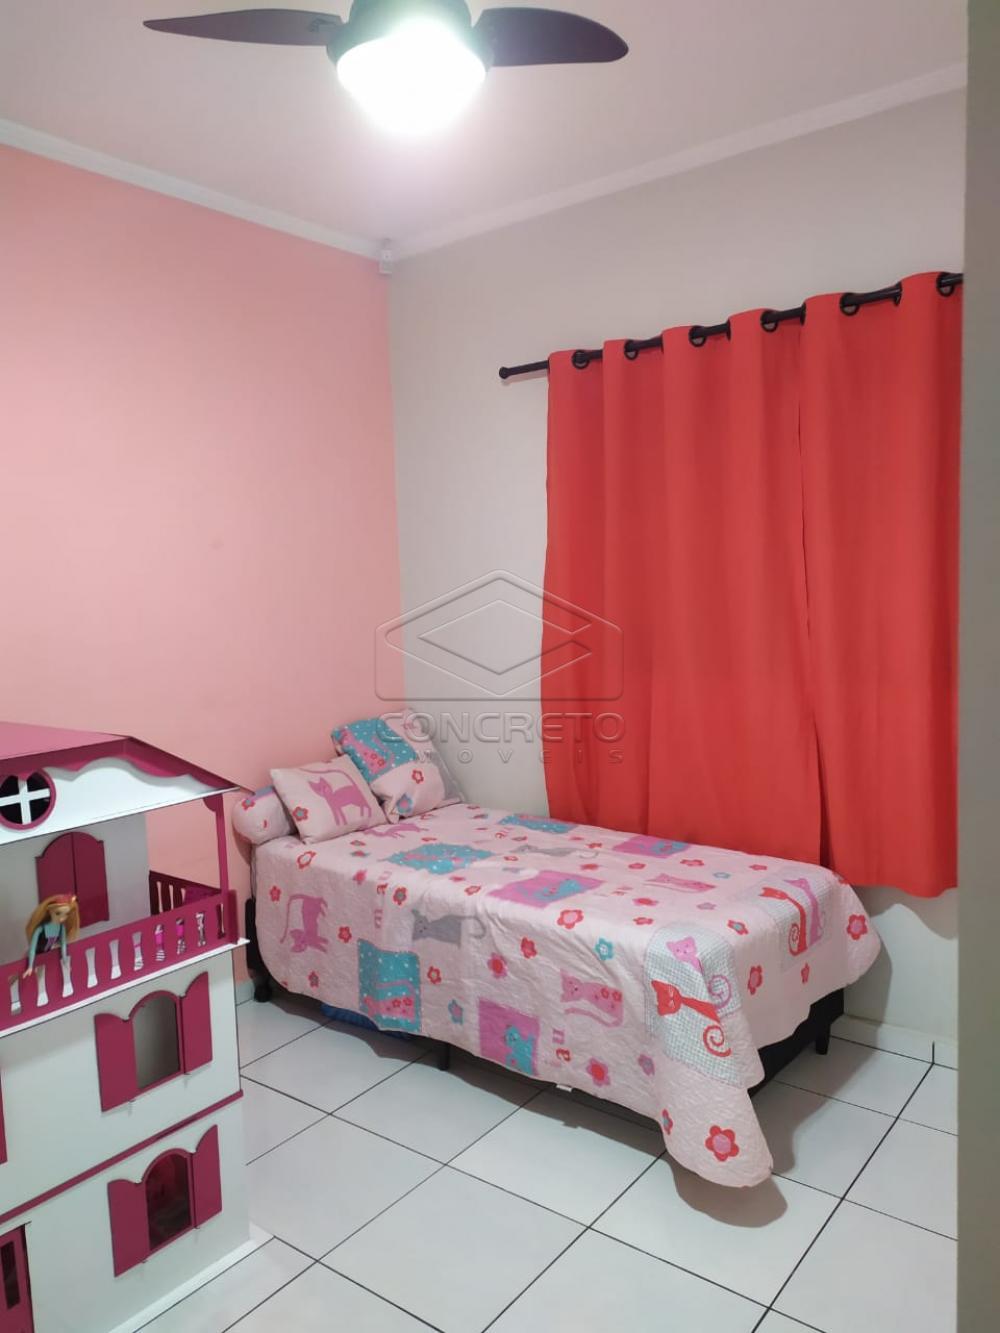 Comprar Casa / Padrão em Bauru apenas R$ 208.000,00 - Foto 11